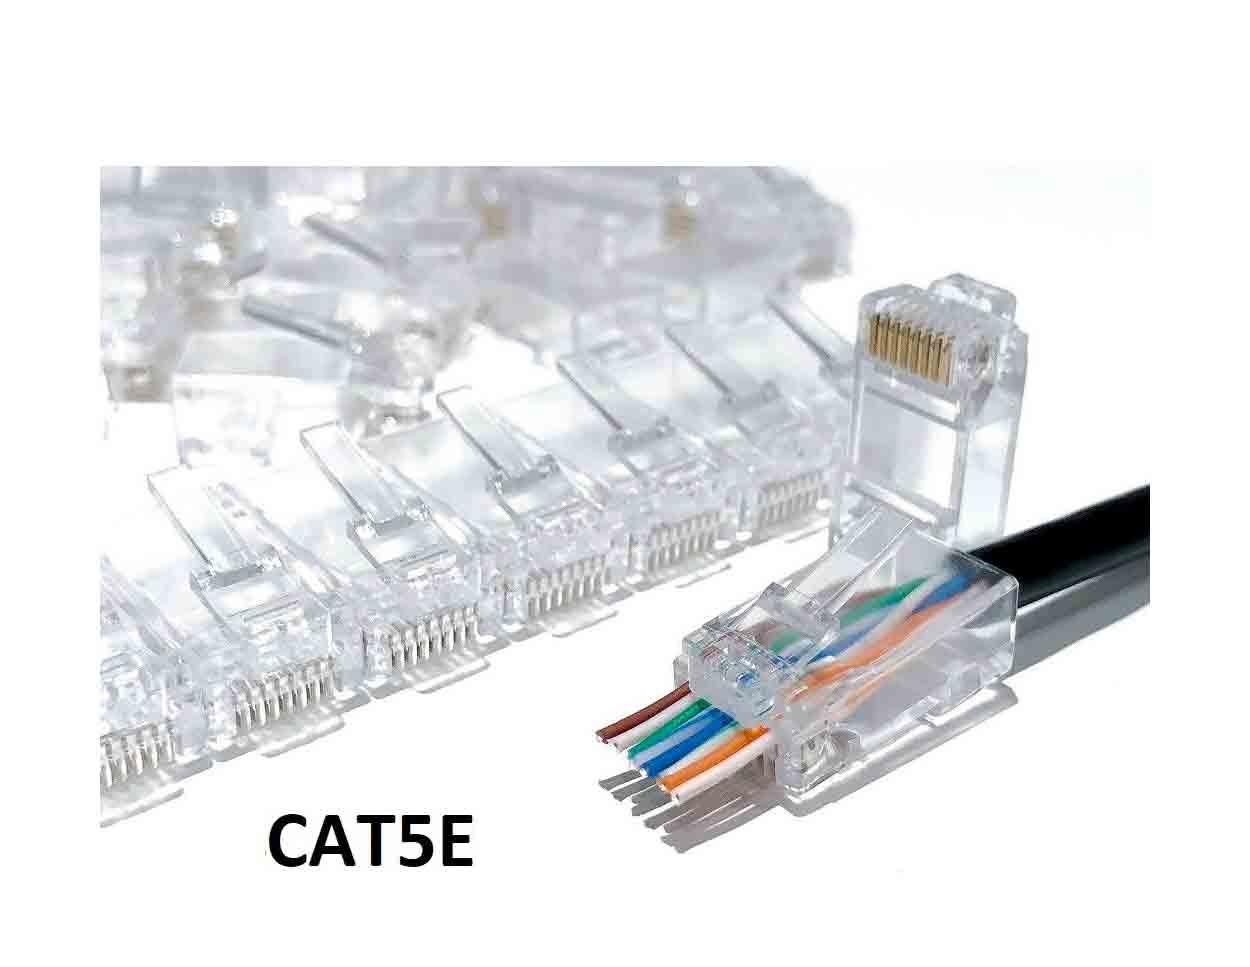 GTRJ45/100PRO - CONNECTORS for CAT5 CAT5E CAT6